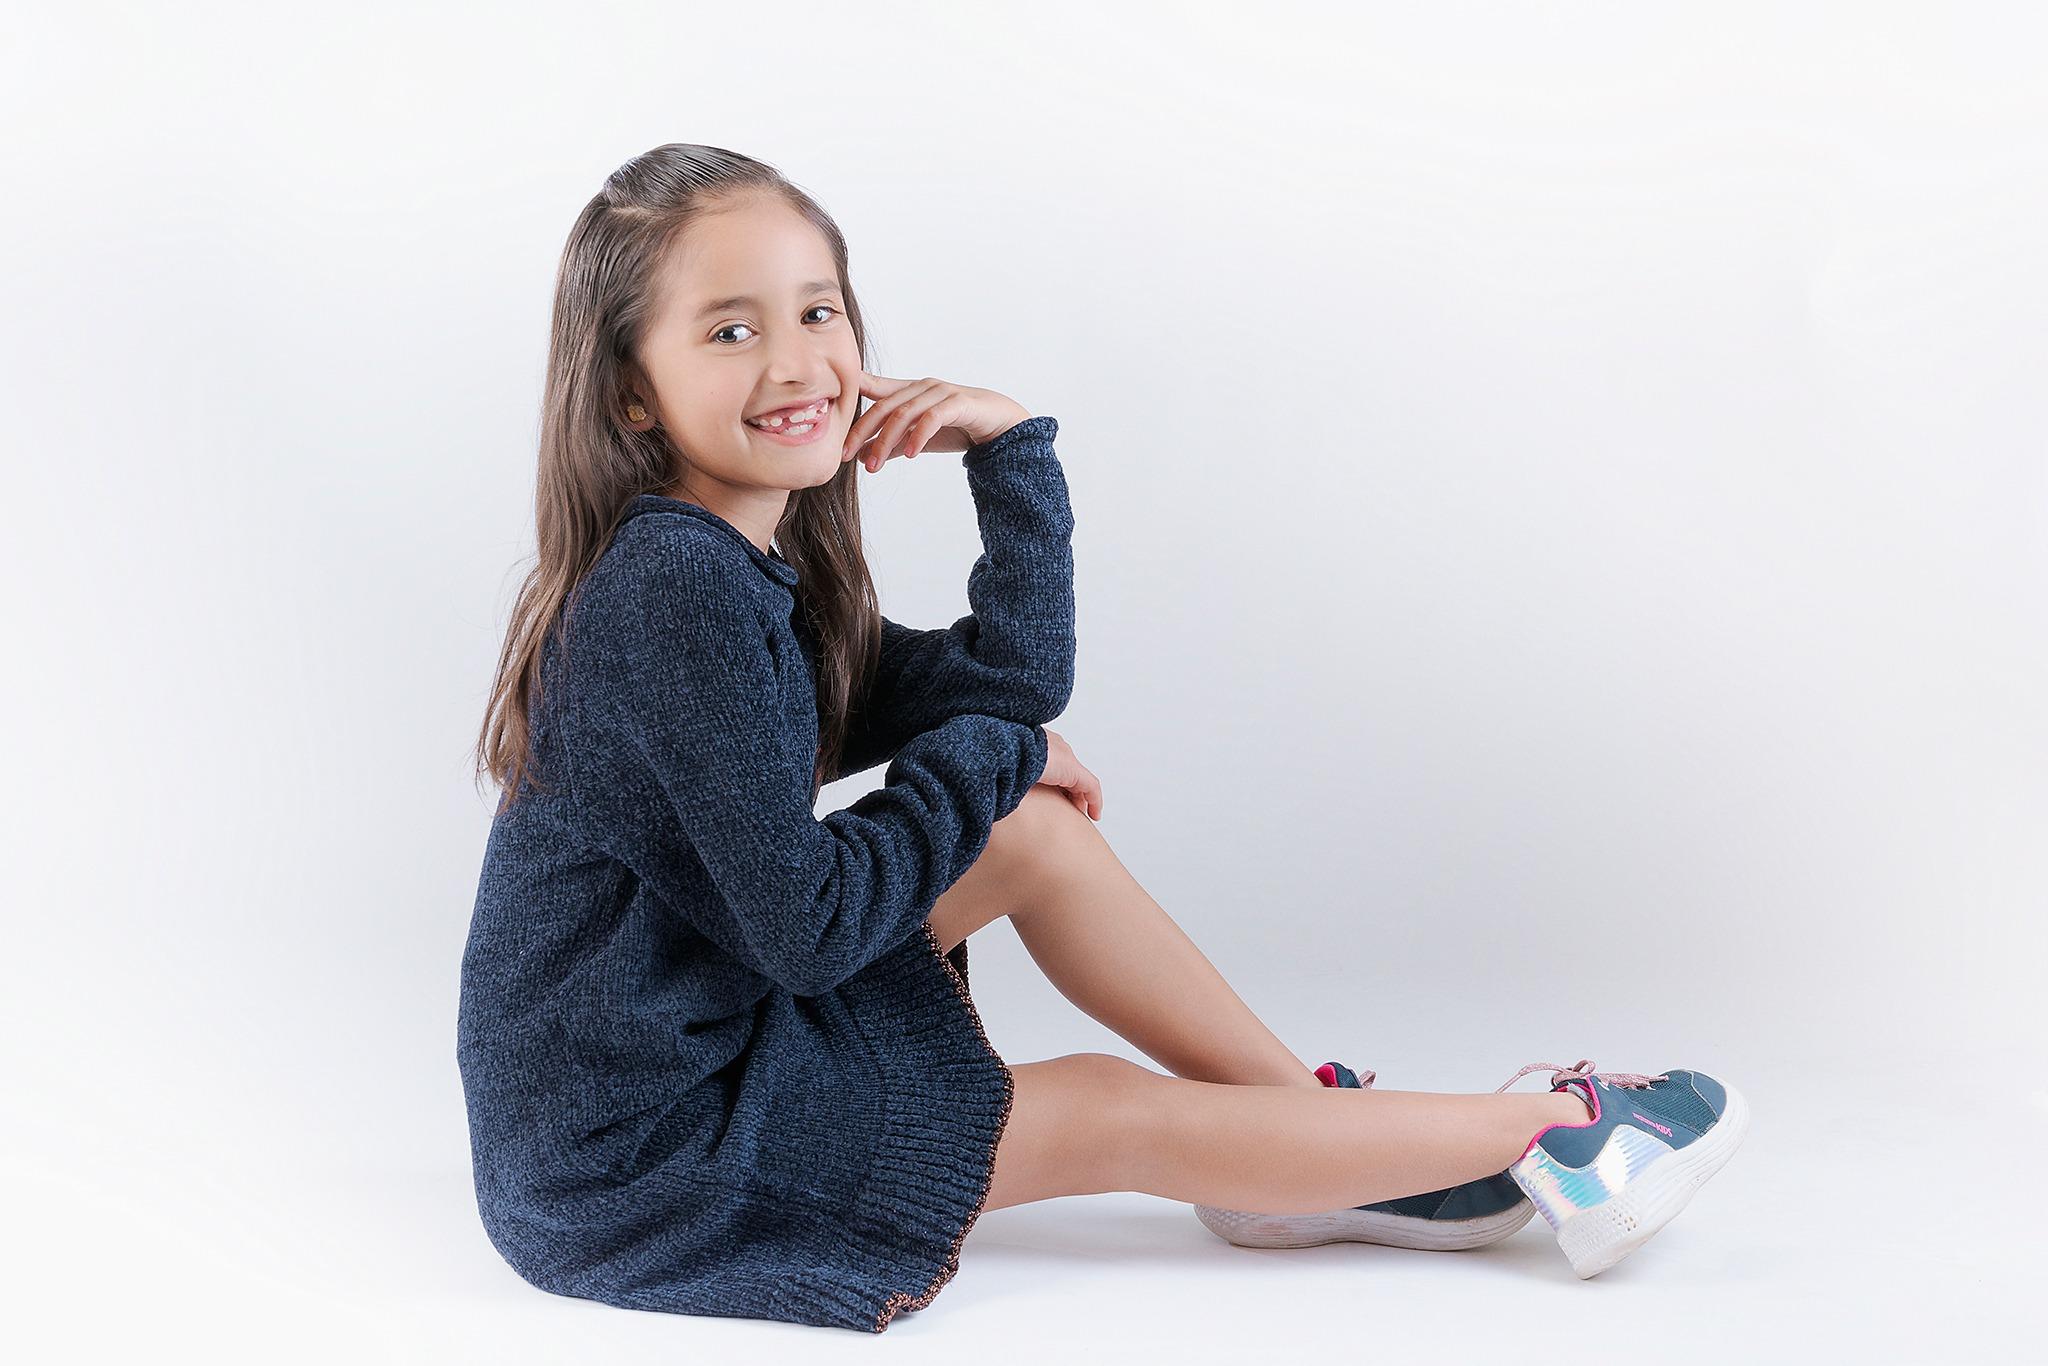 _ARY4674